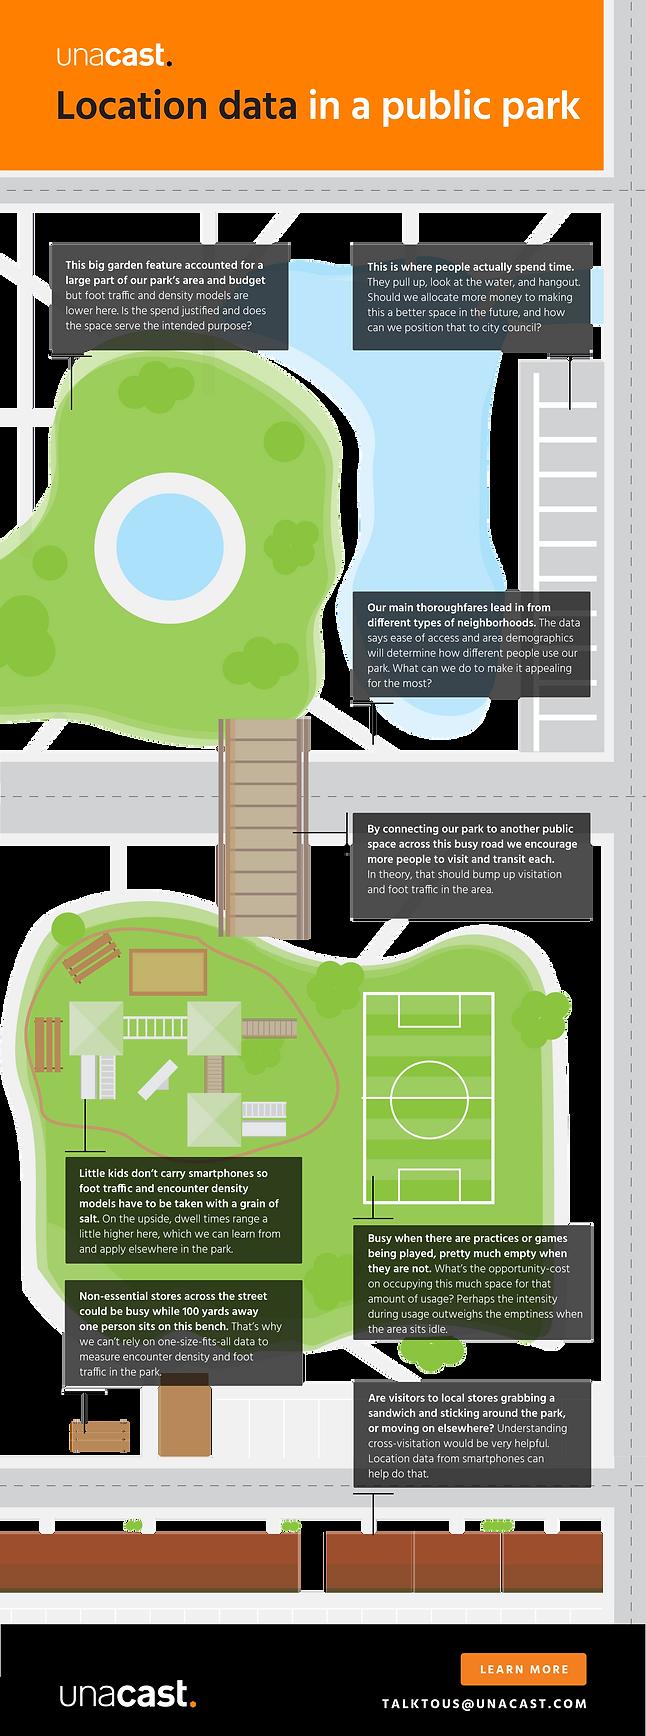 Unacast Public Park Infographic.png